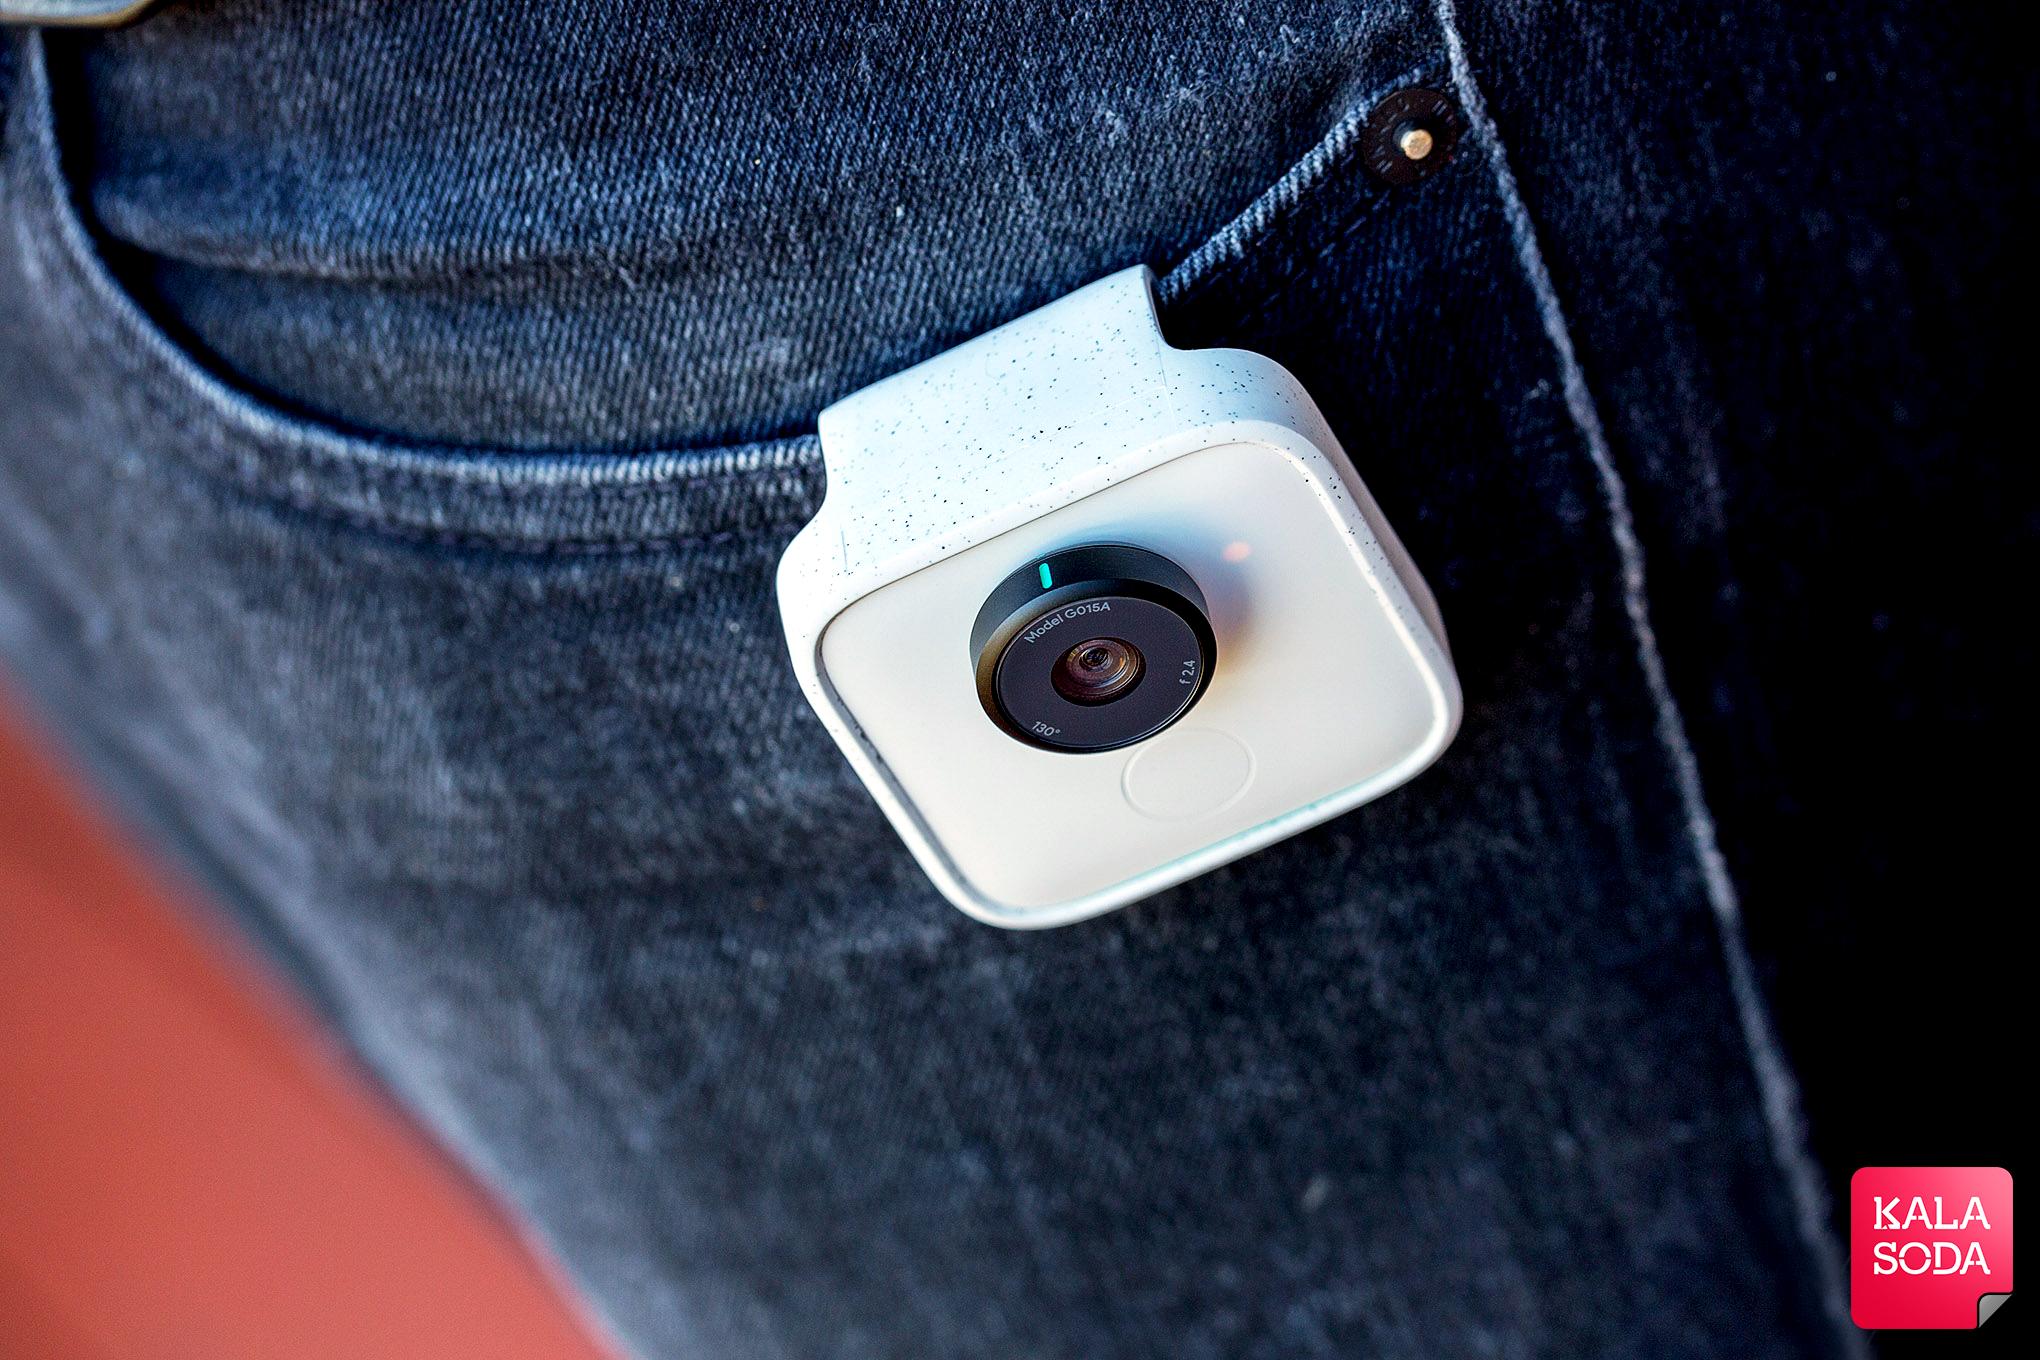 دوربین گیره ای گوگل به قیمت 250 دلار|کالاسودا